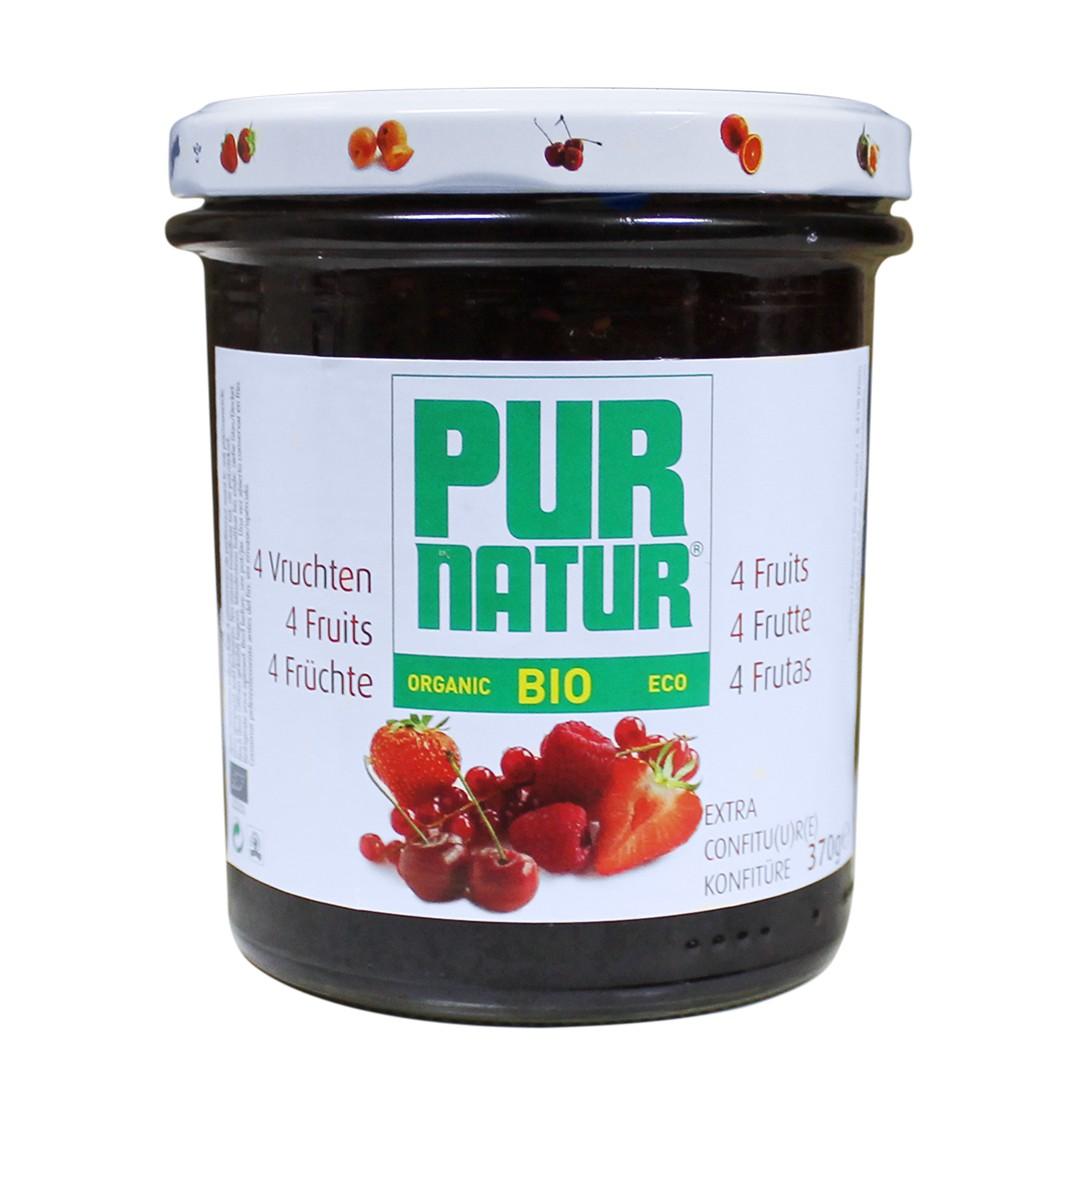 Джем фруктовый (4 фрукты) Pur Natur фото